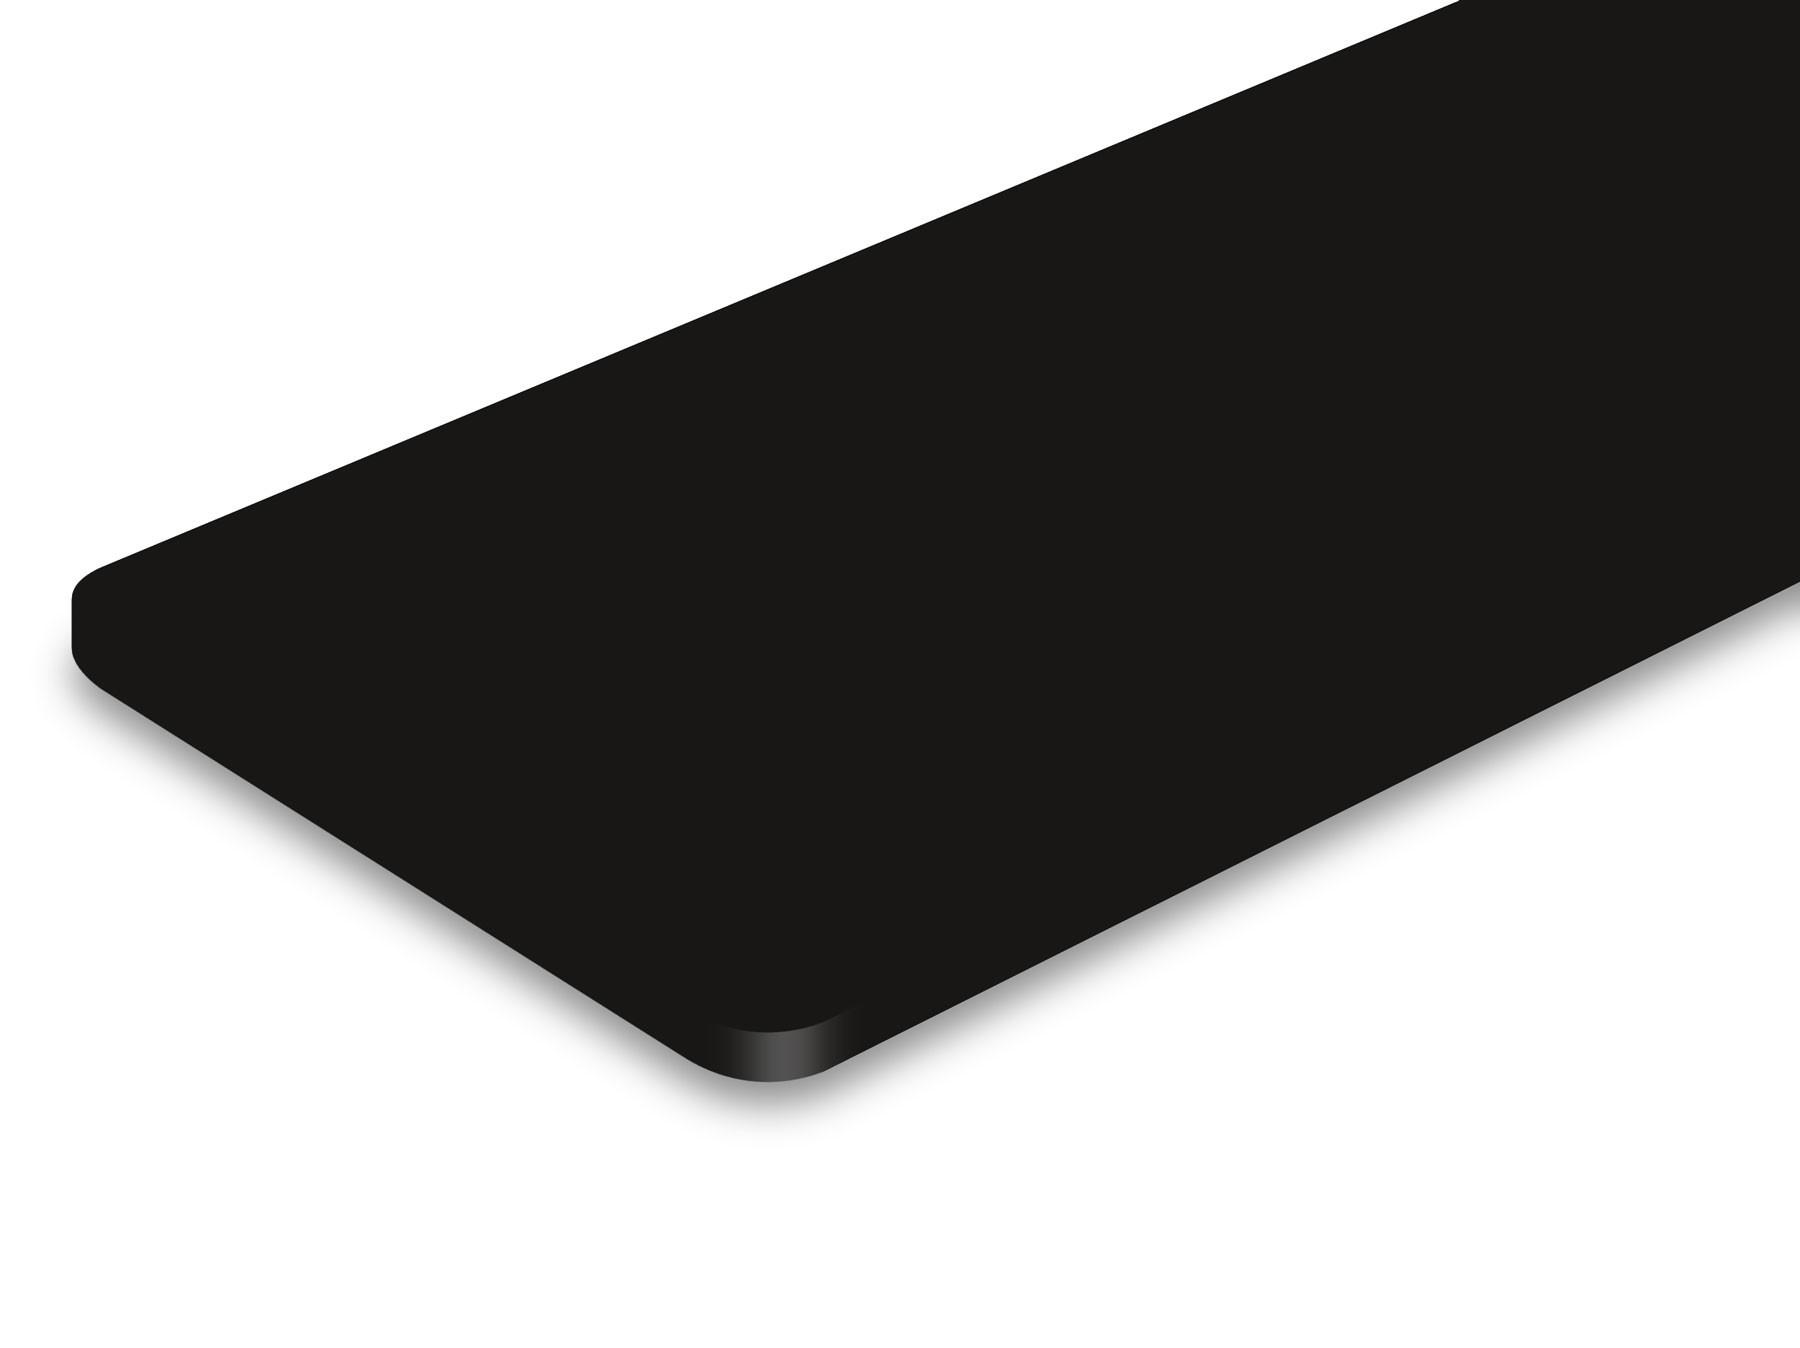 TroLase ADA Signage, Black, 1ply, 1.6 mm